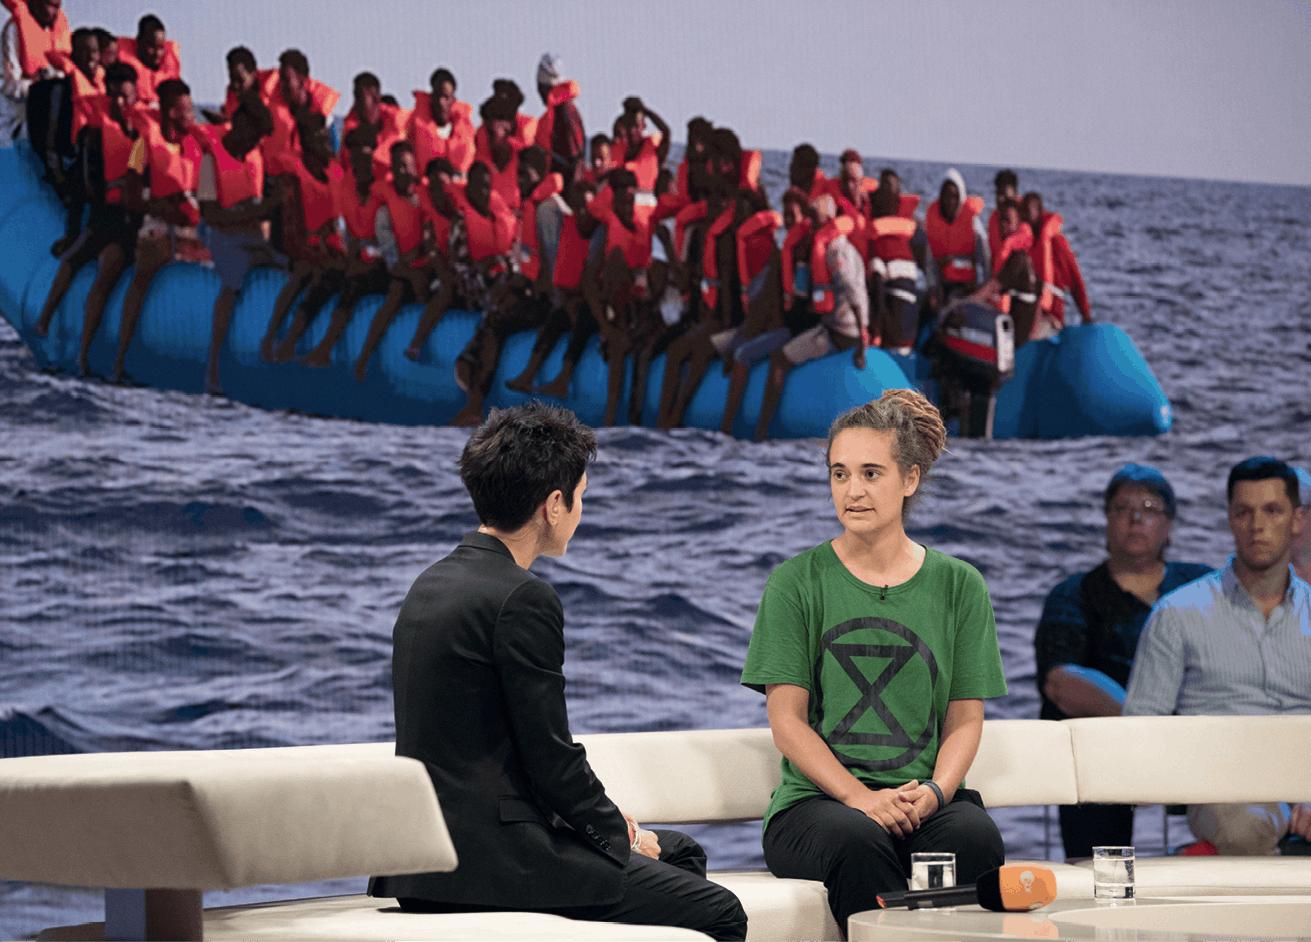 Carola Rackete, capitaine du Sea-Watch, est interviewée sur le plateau d'une émission télévisée allemande.